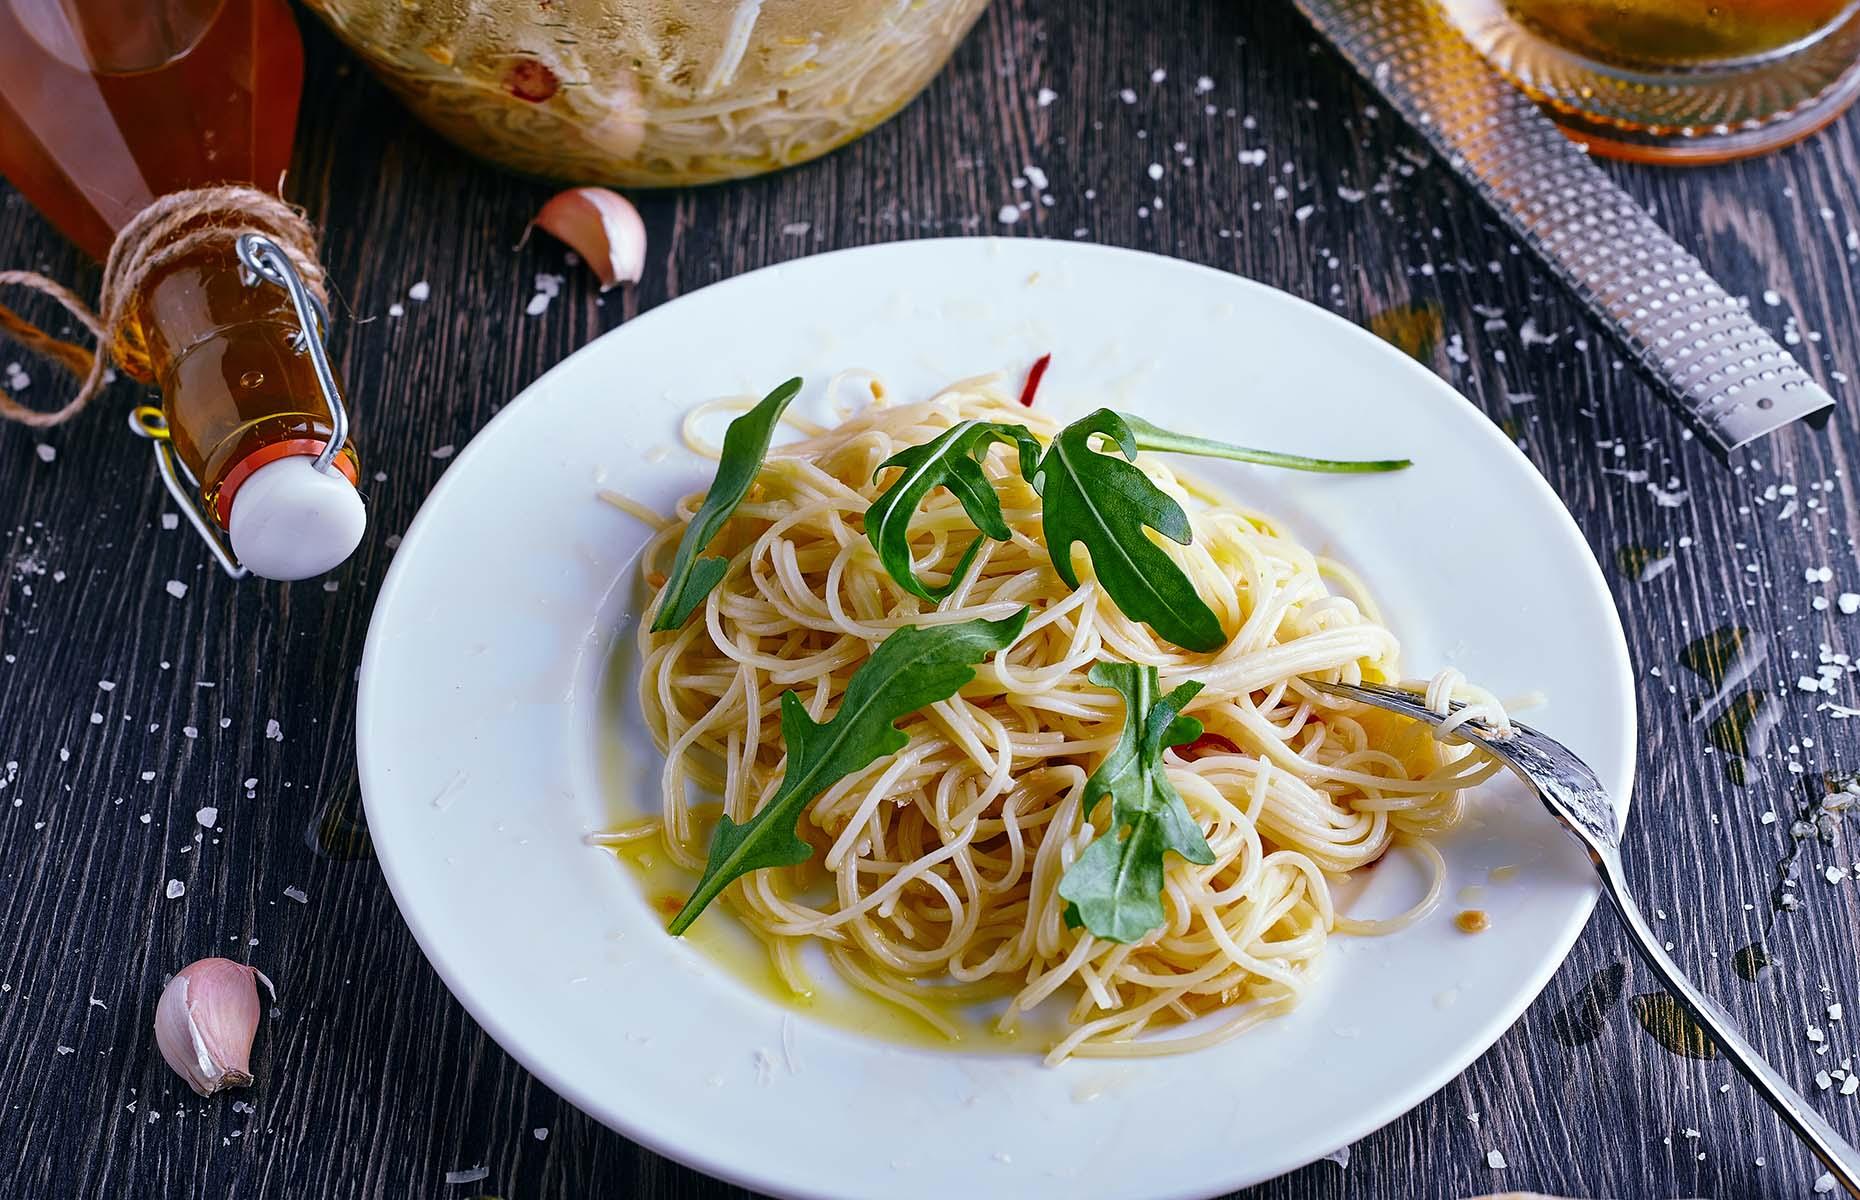 Chilli oil on pasta